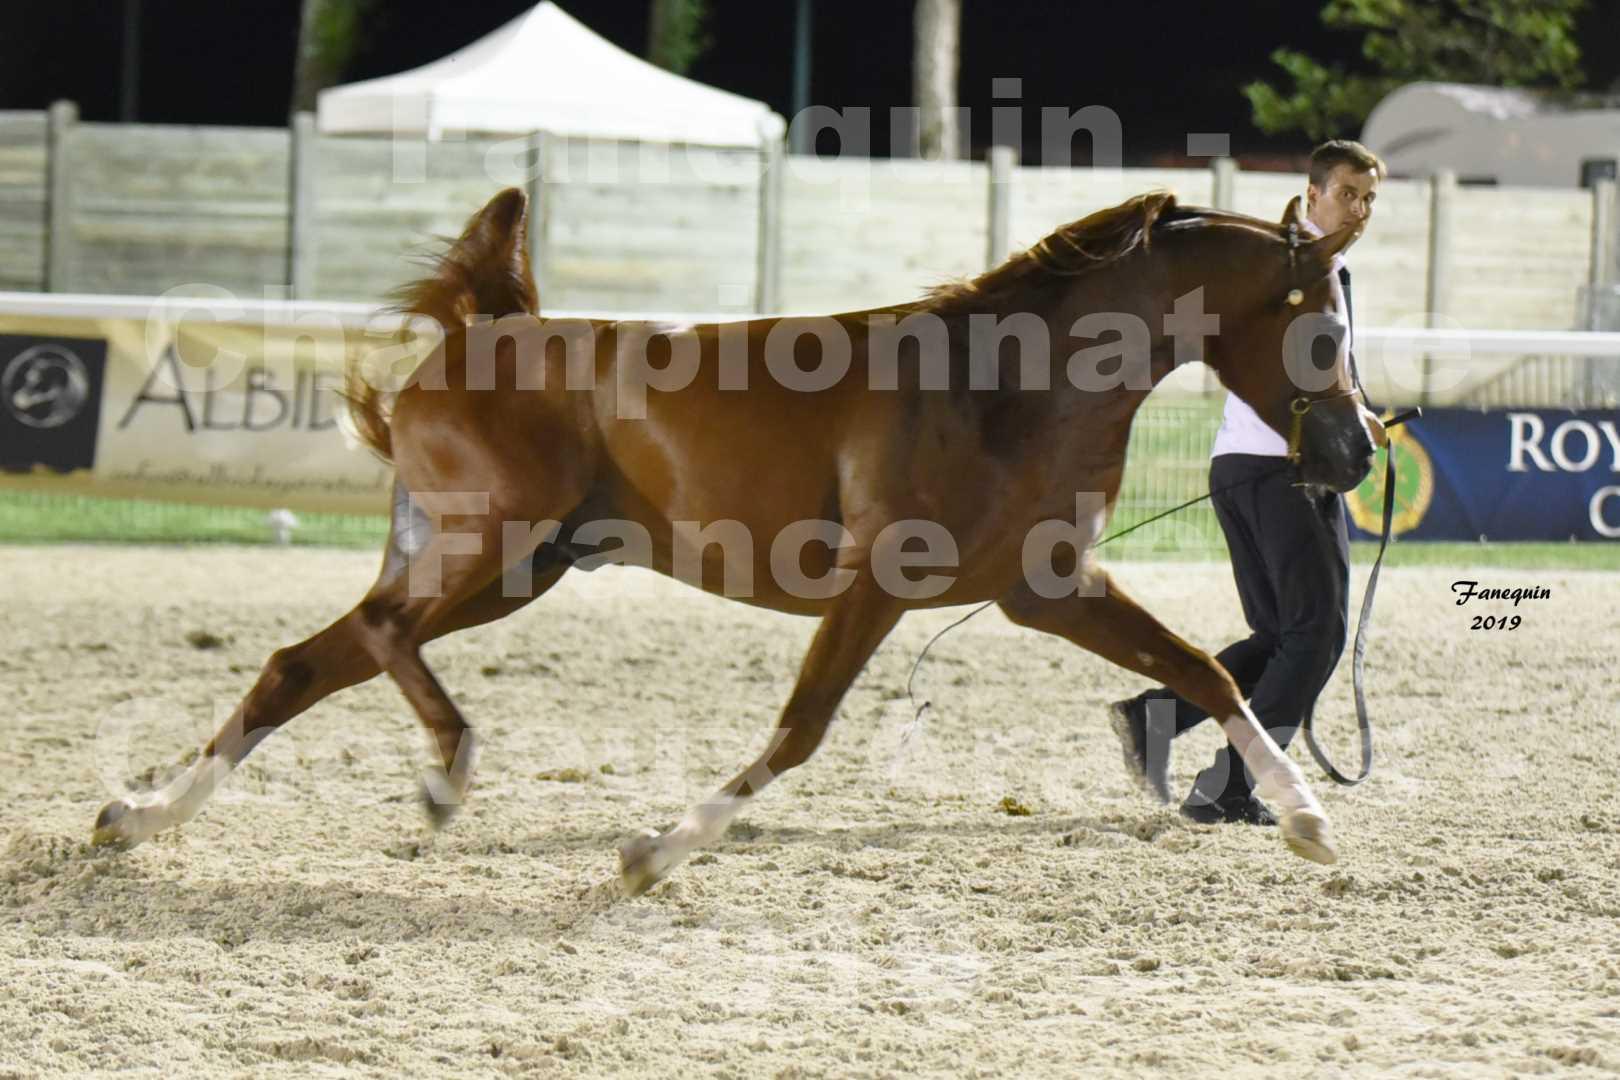 Championnat de France des chevaux Arabes en 2019 à VICHY - DZHARI NUNKI - 6